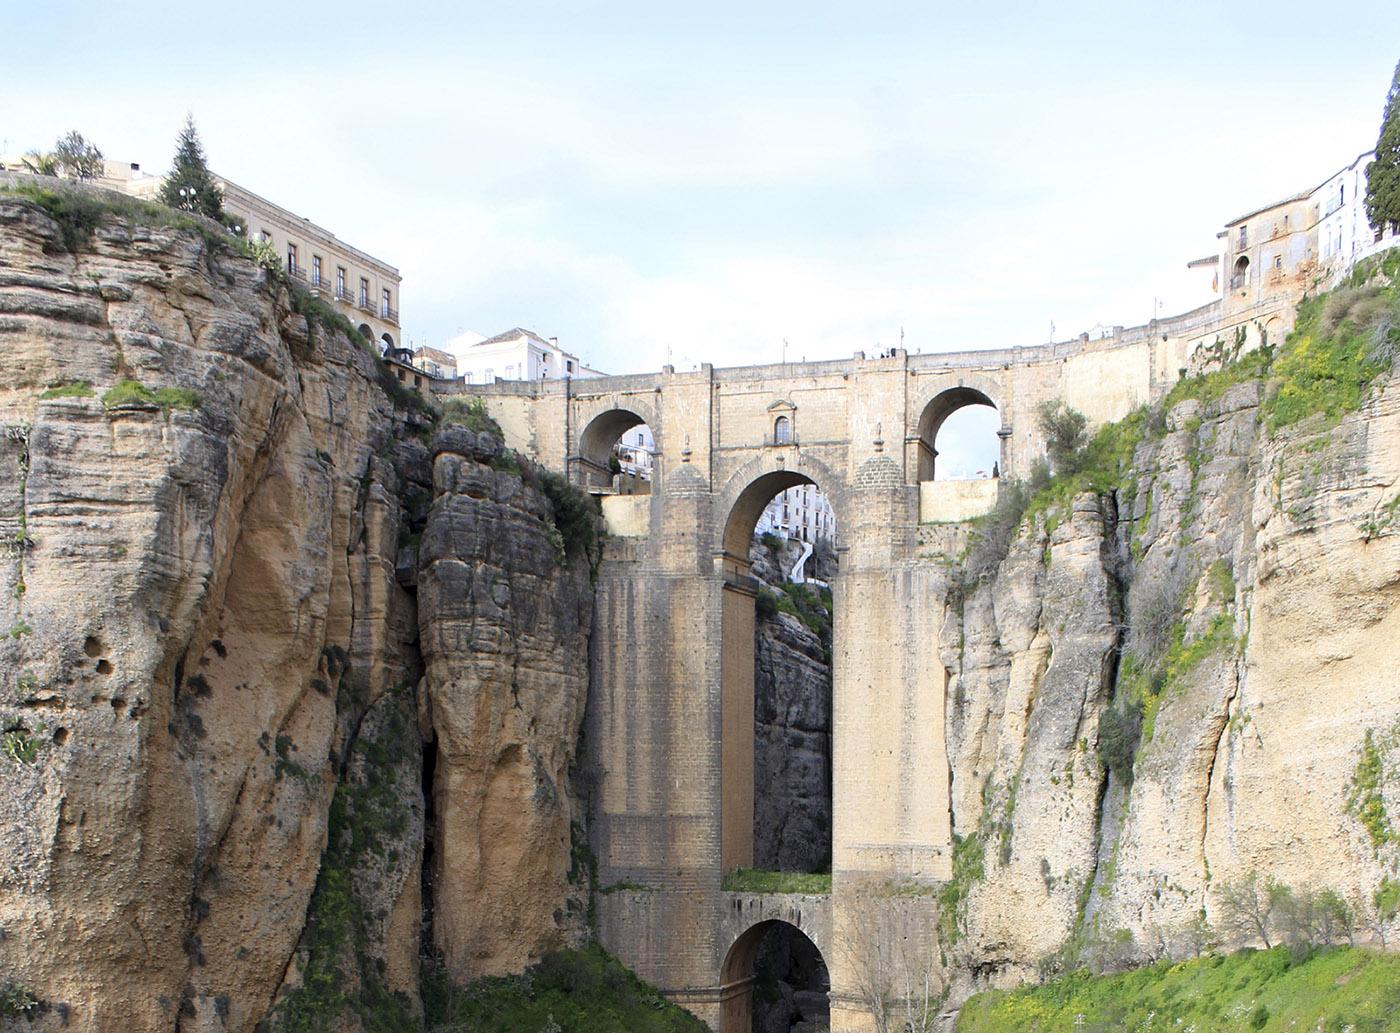 Мост Пуэнте-Нуэво в Ронда, Испания